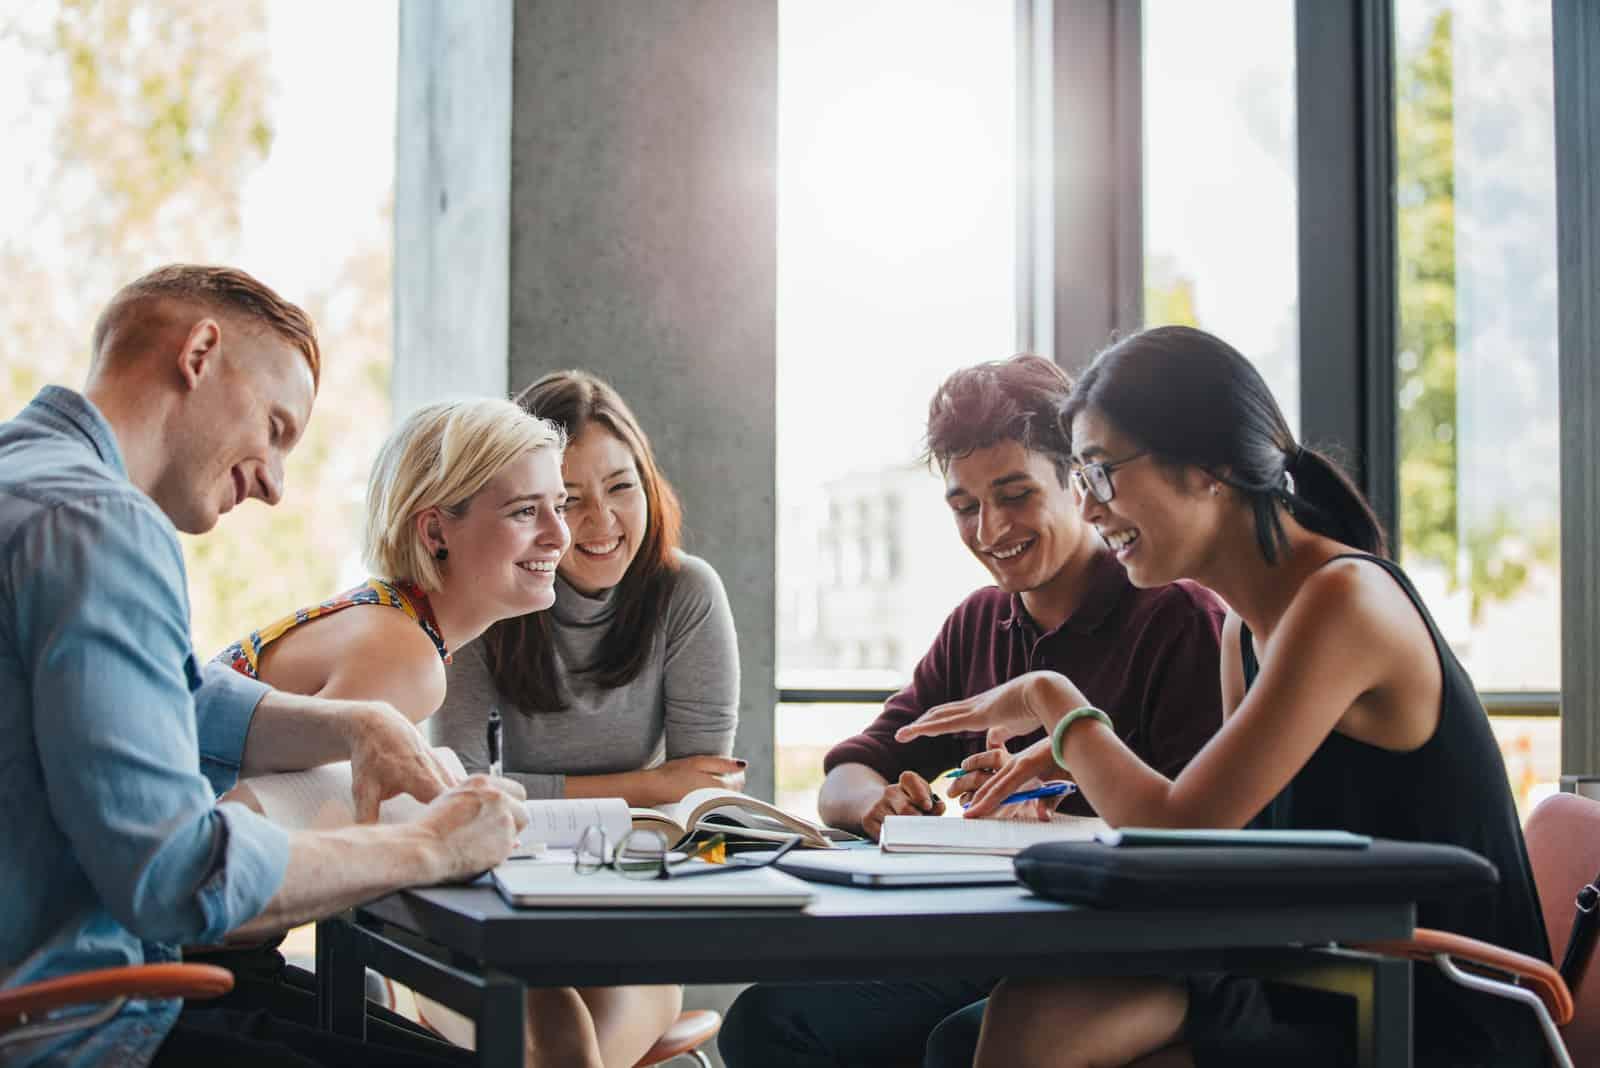 Am Tisch lacht und redet eine Gruppe junger Leute